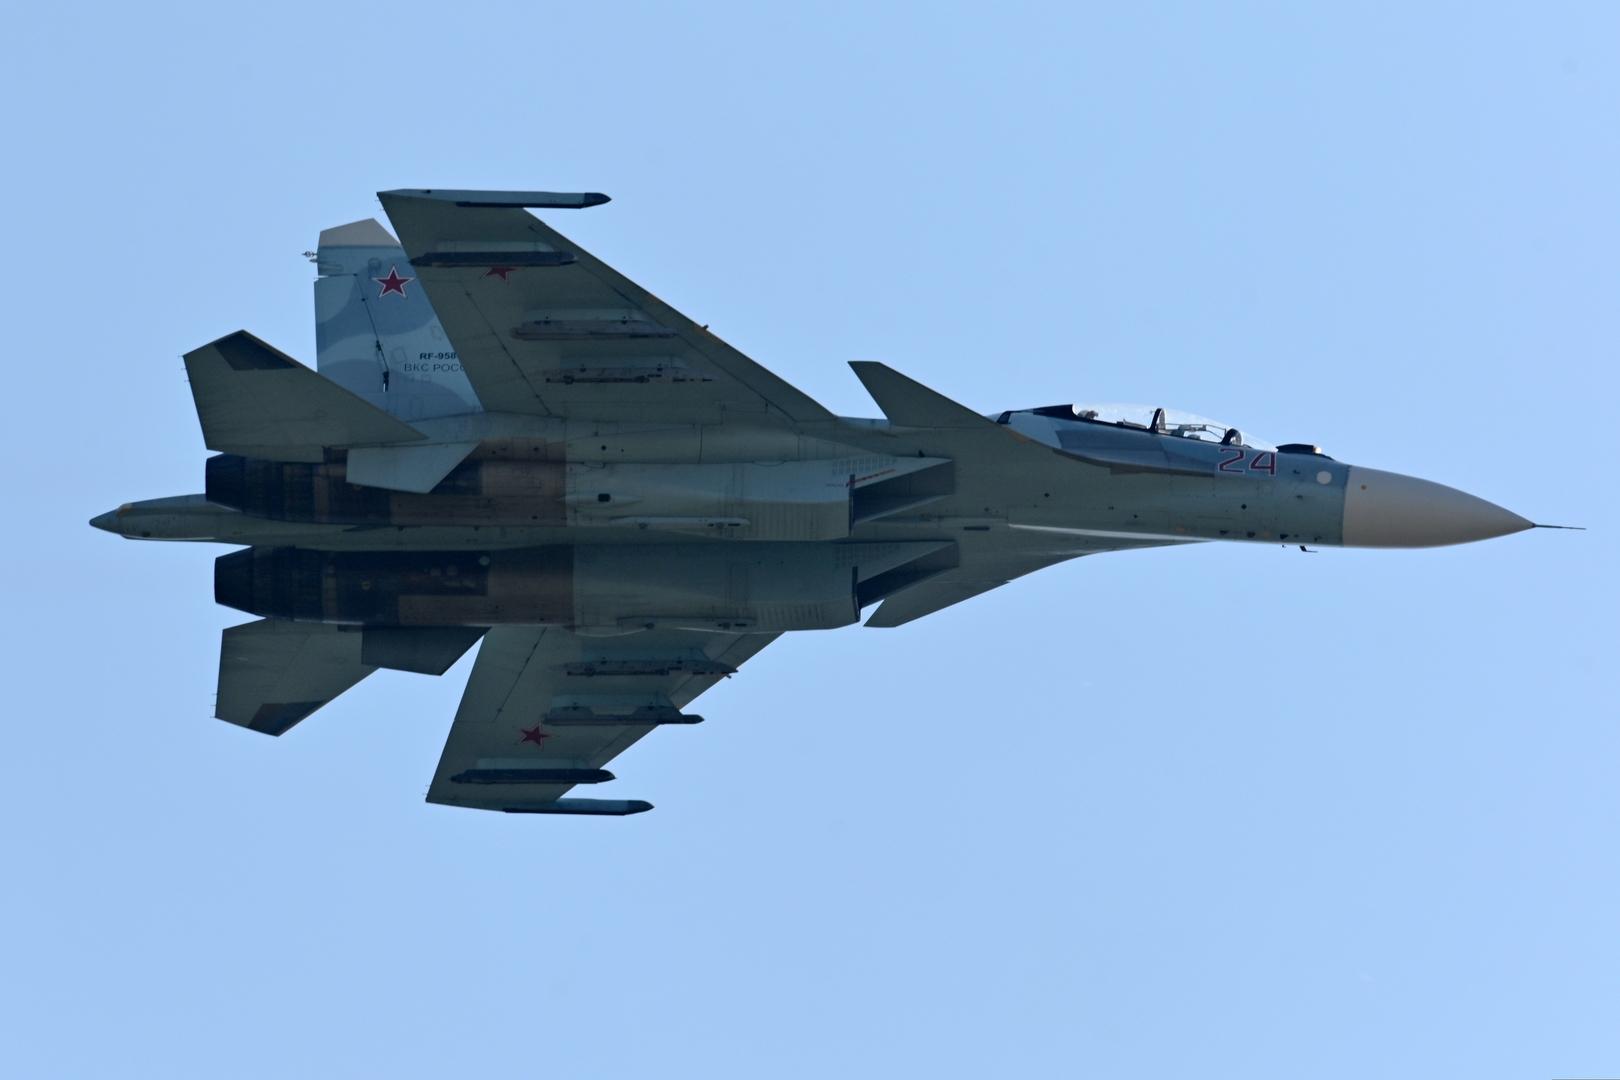 الدفاع الروسية تنفي زعم الناتو انتهاك مقاتلة روسية أجواء الدنمارك